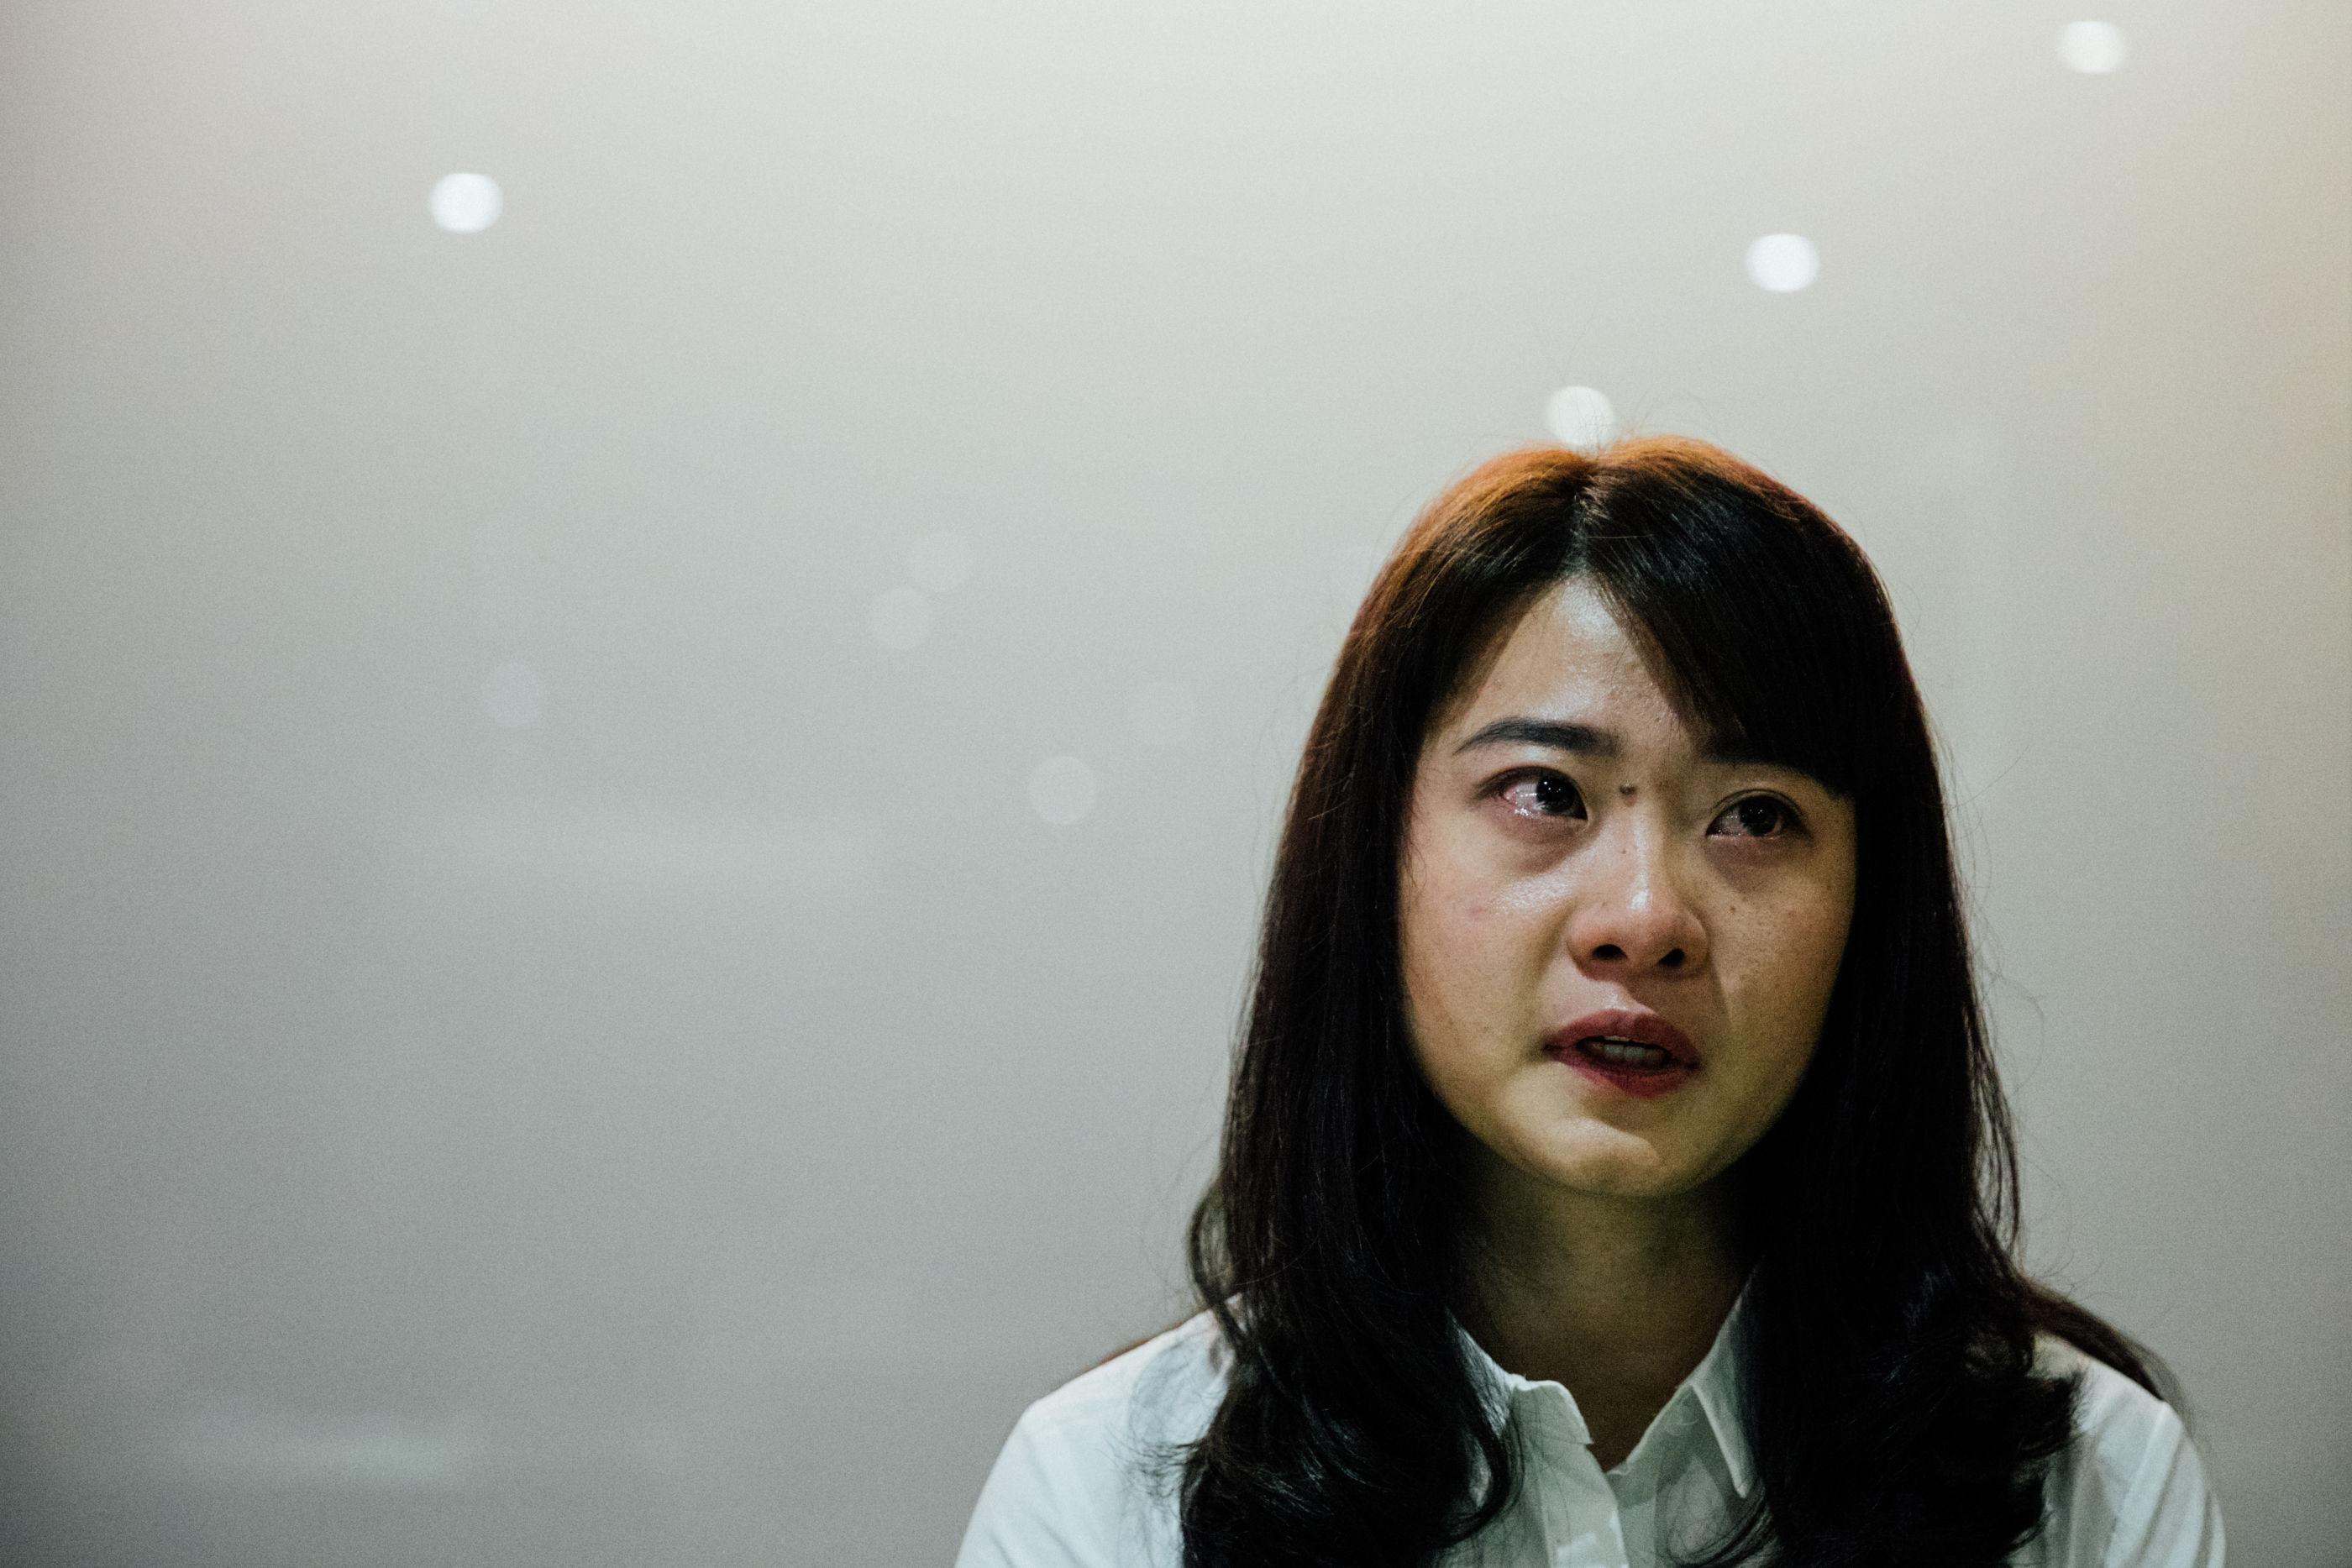 中國維權律師高智晟女兒耿格訪問。(攝影/余志偉)